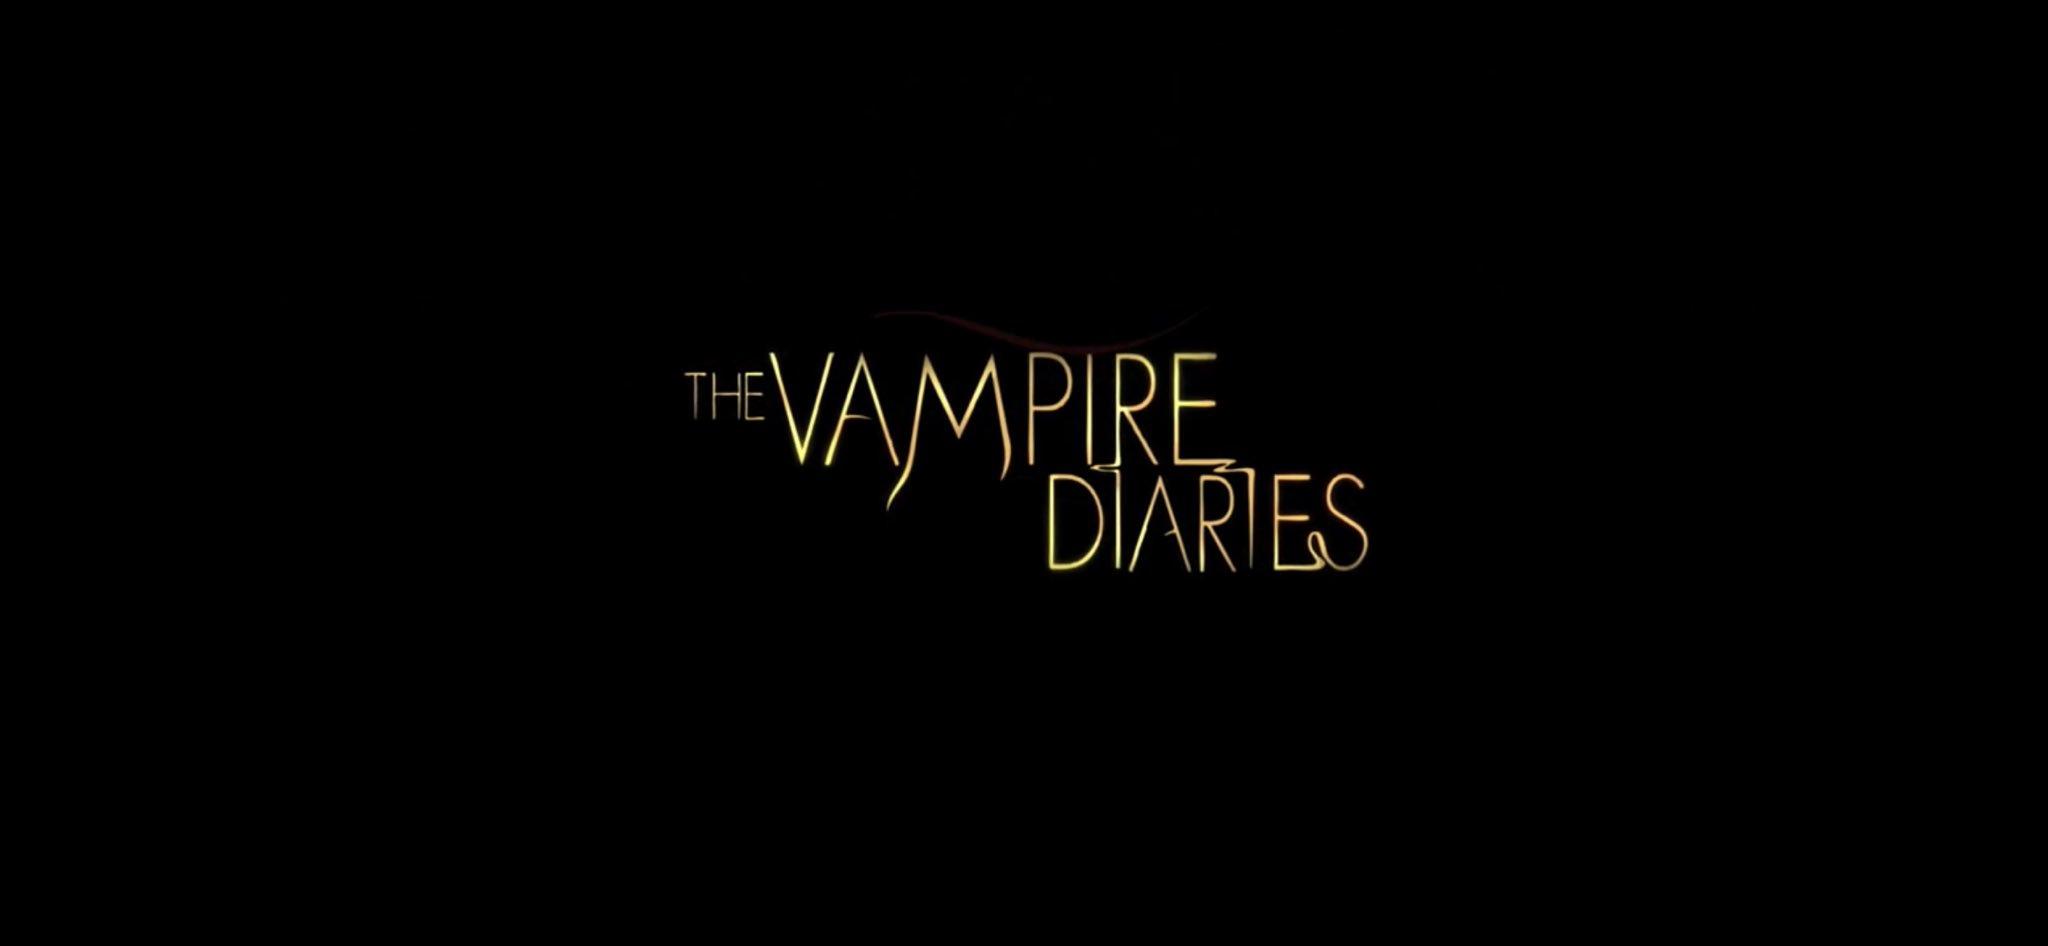 Сделать открытку, картинки с надписью дневники вампира